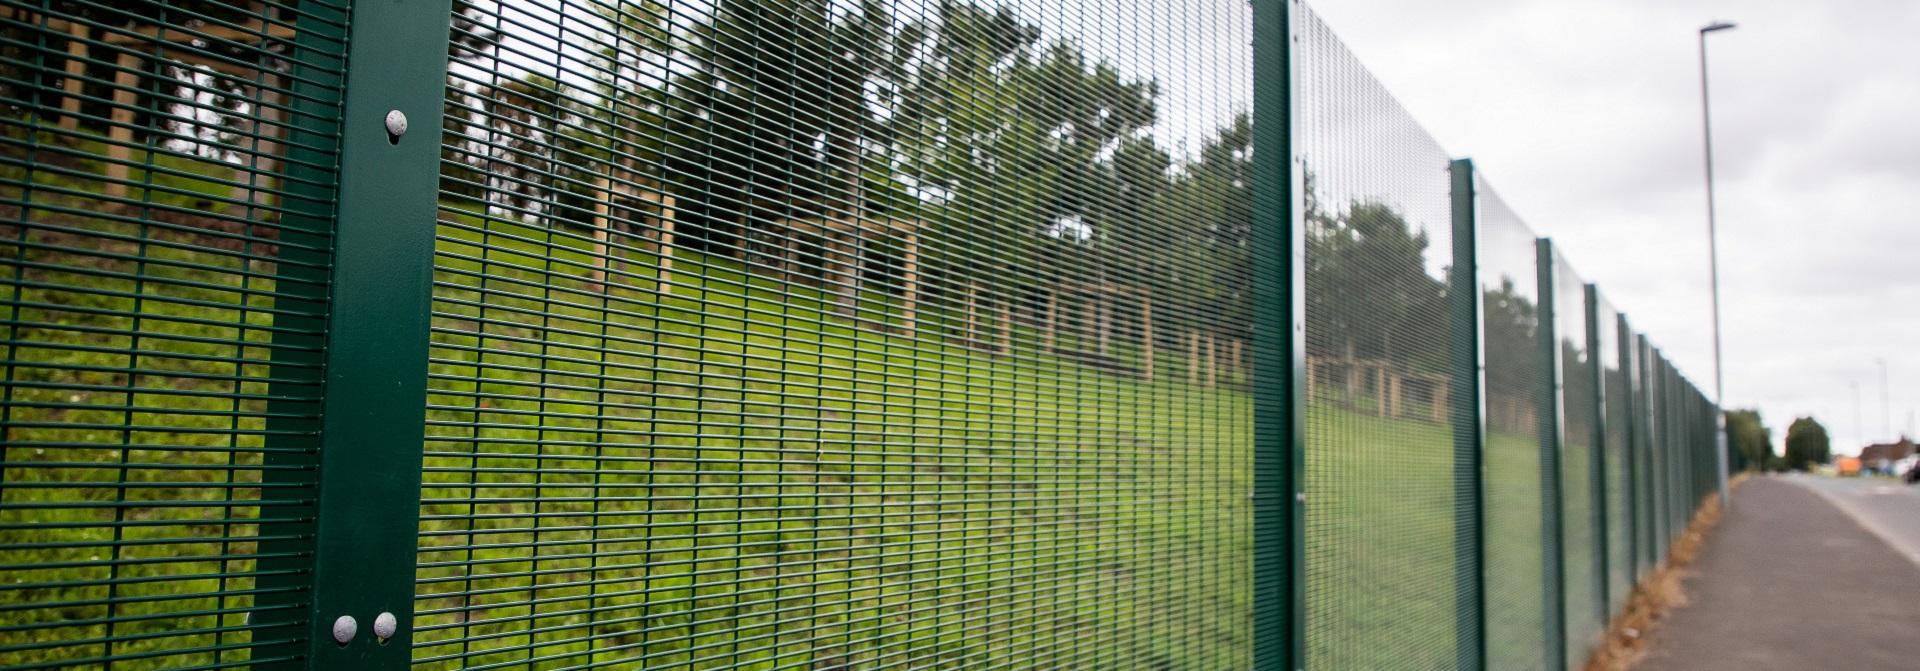 Green Mesh Fencing SR1